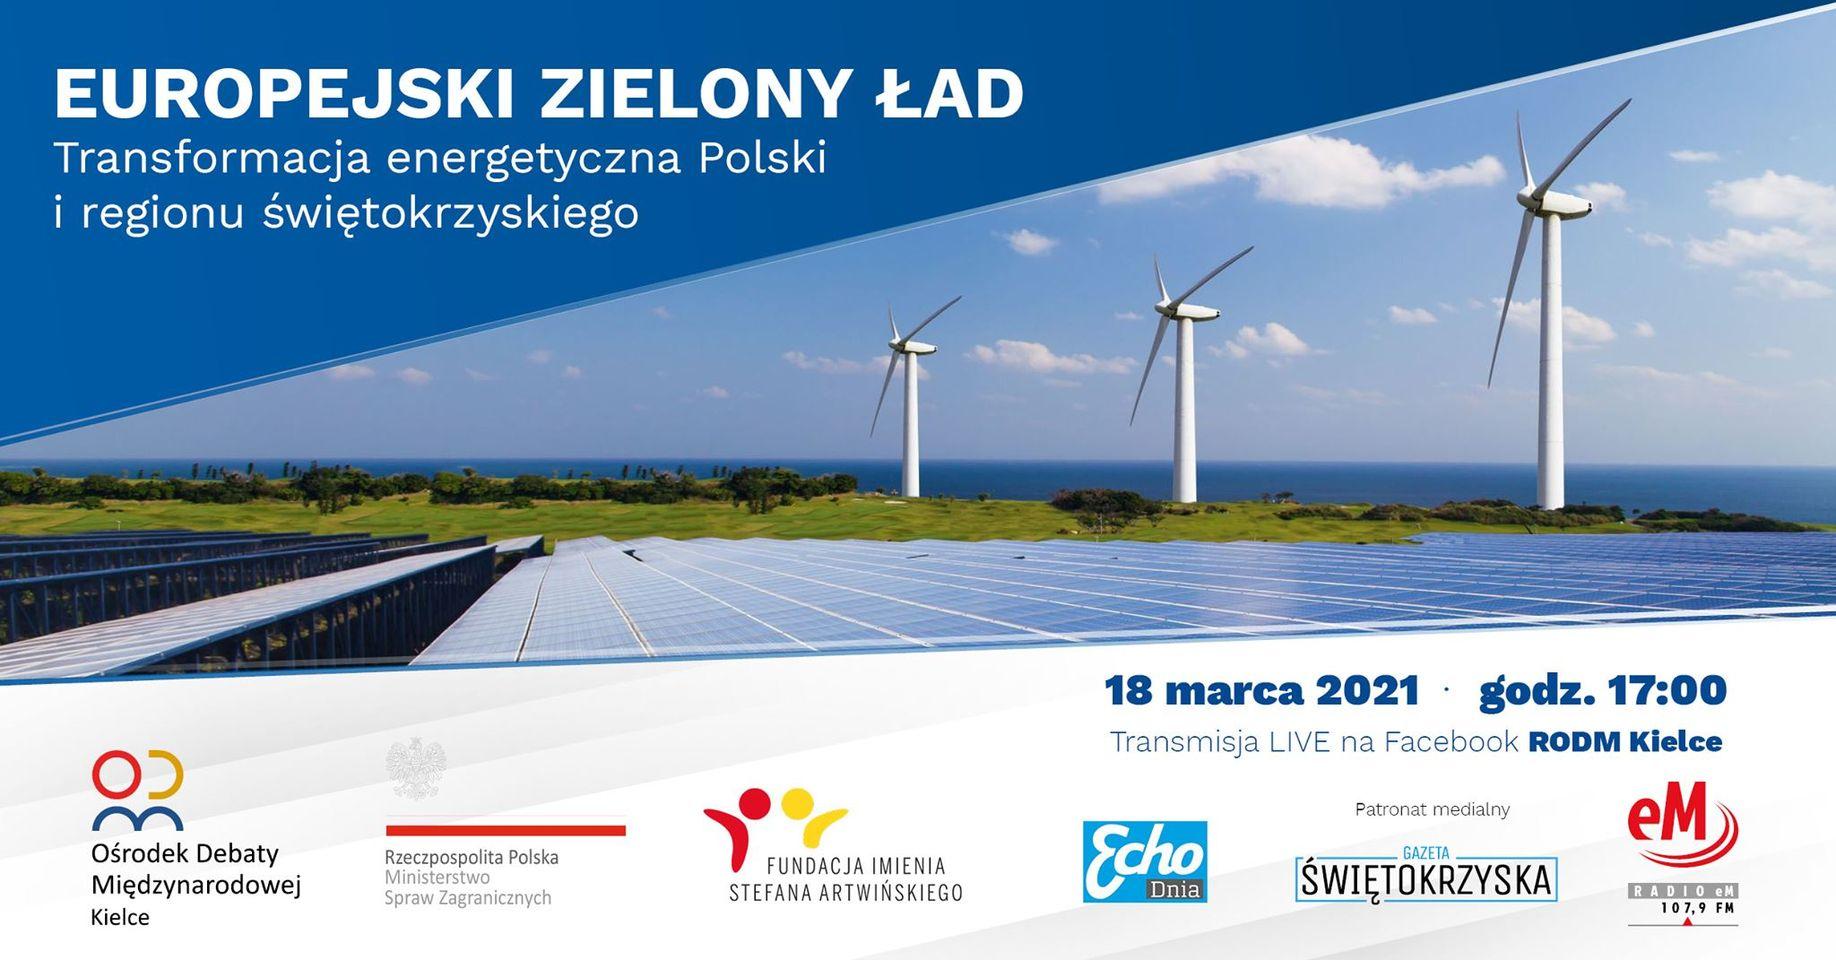 Europejski Zielony Ład, a transformacja energetyczna Polski i regionu świętokrzyskiego